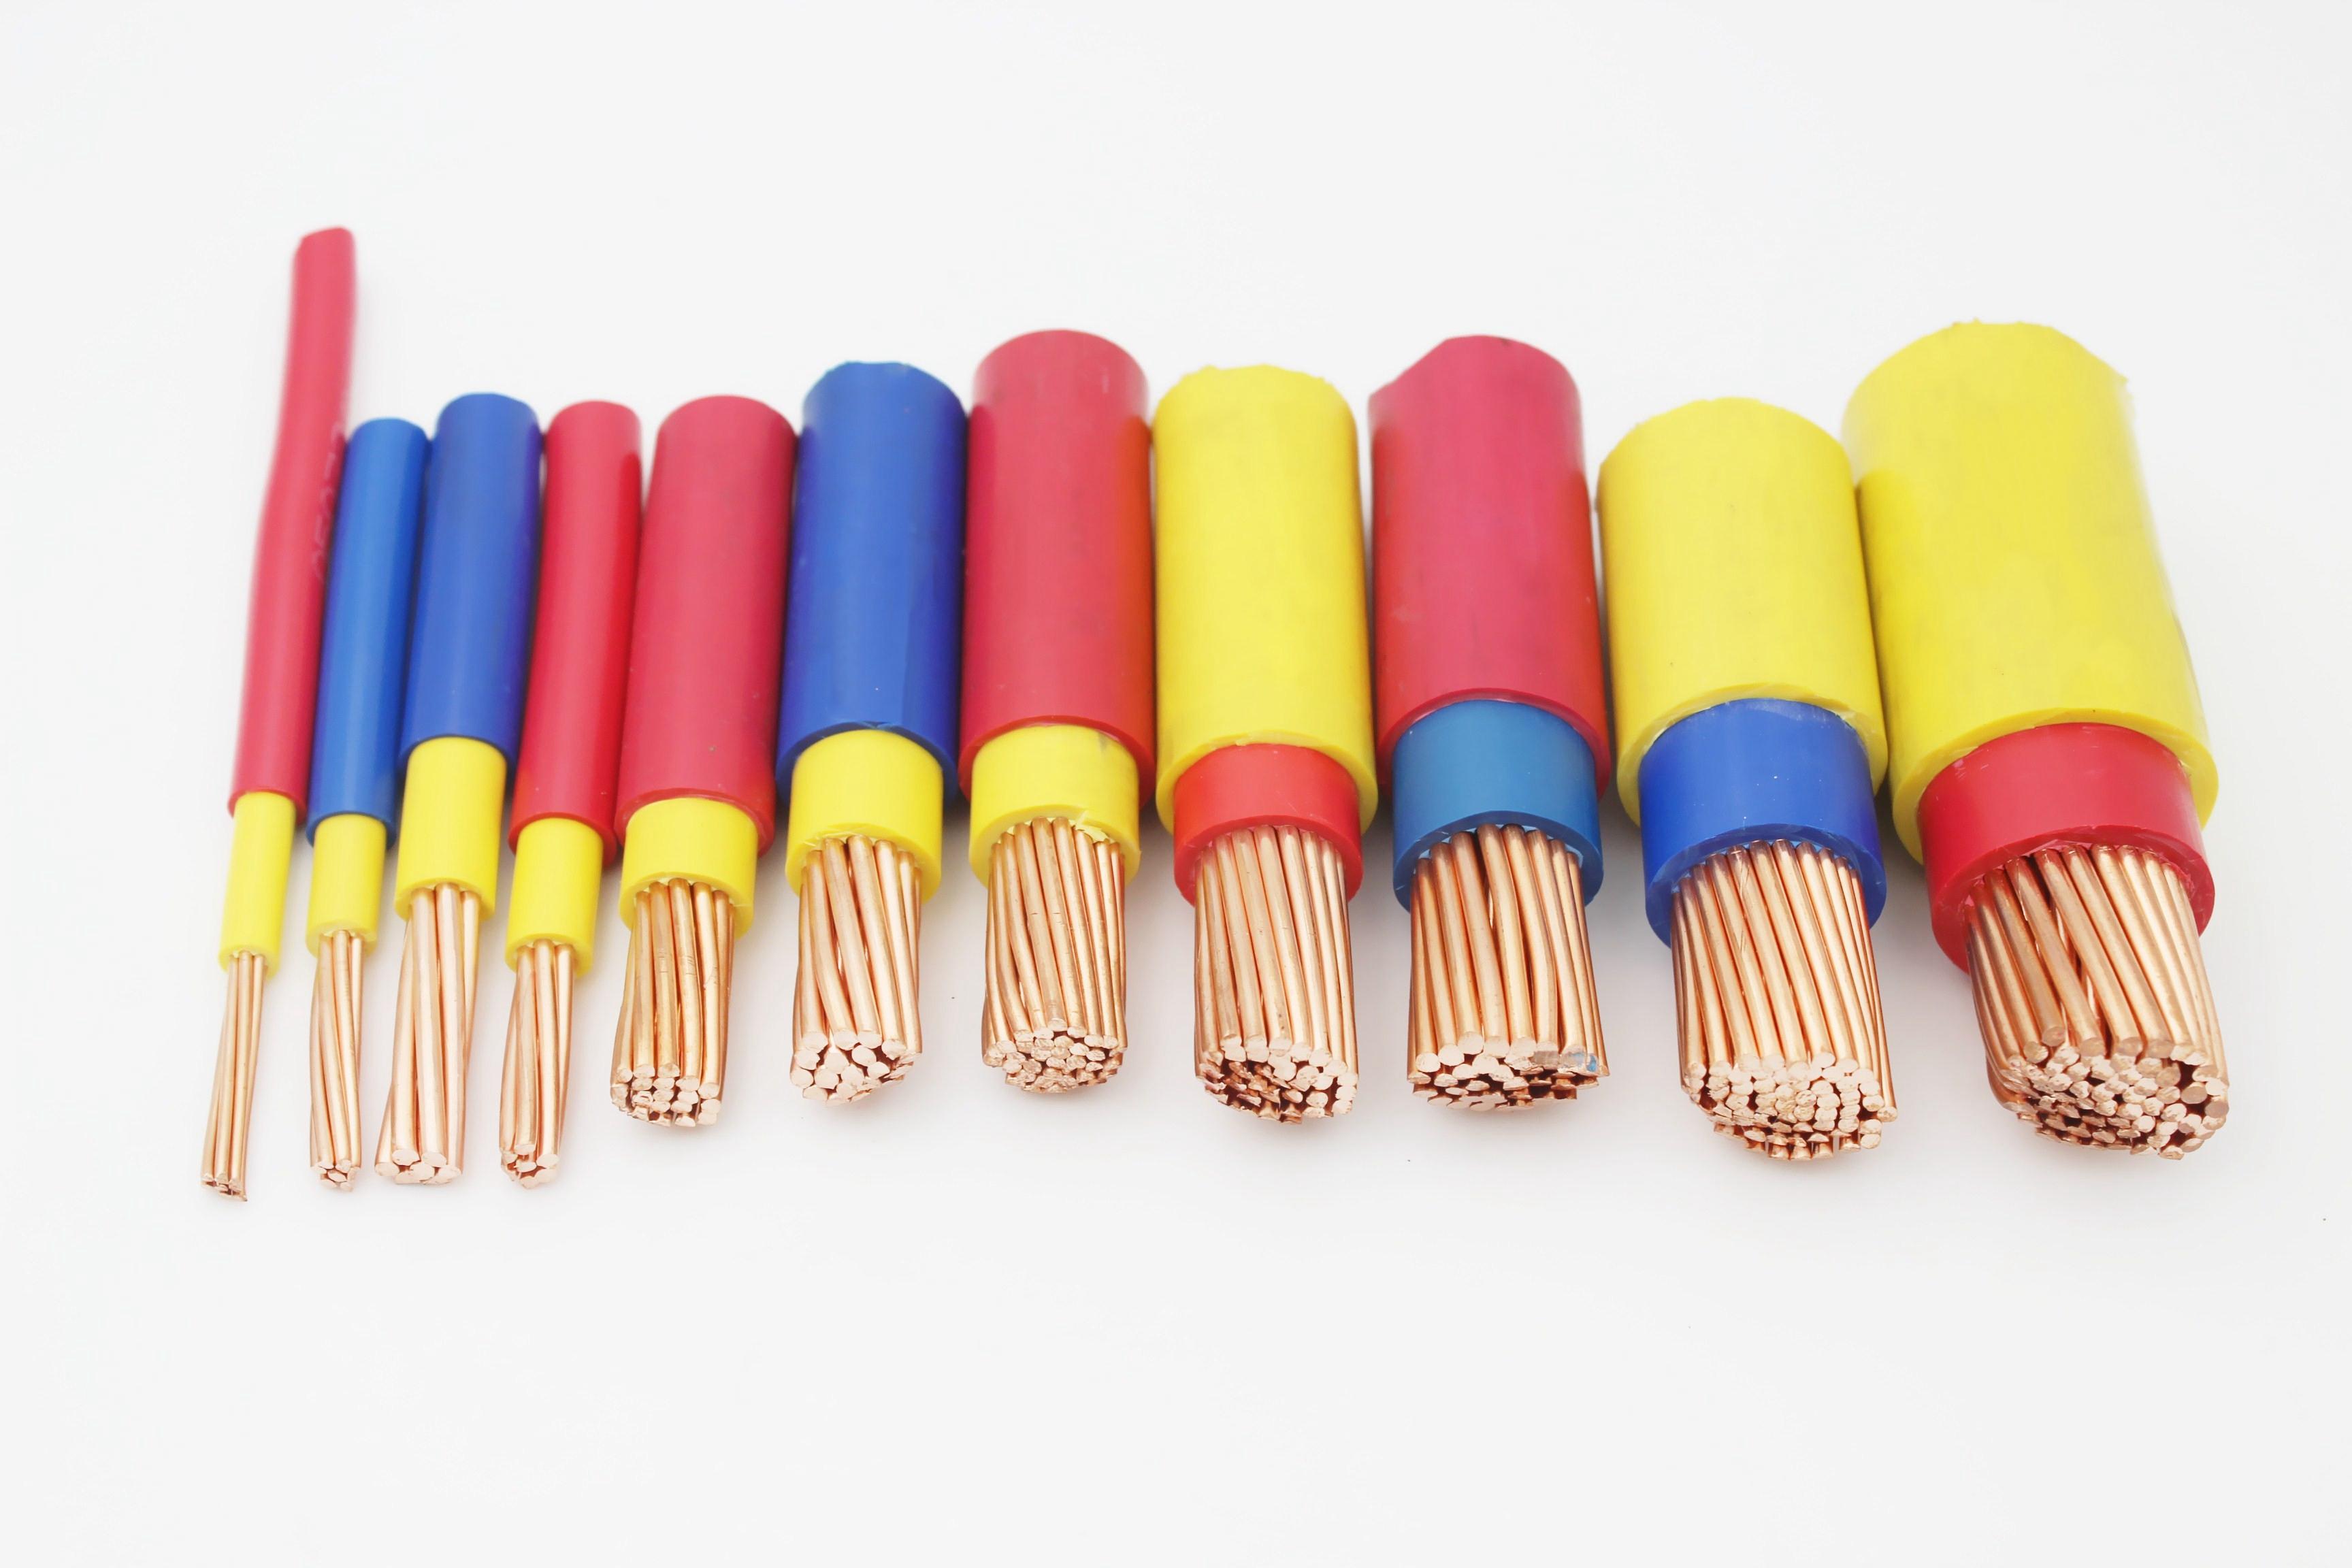 BVV价格多少 金环宇电线电缆BVV 240/300/400/500/630平方国标铜芯家用护套线 双层绝缘皮 剪米